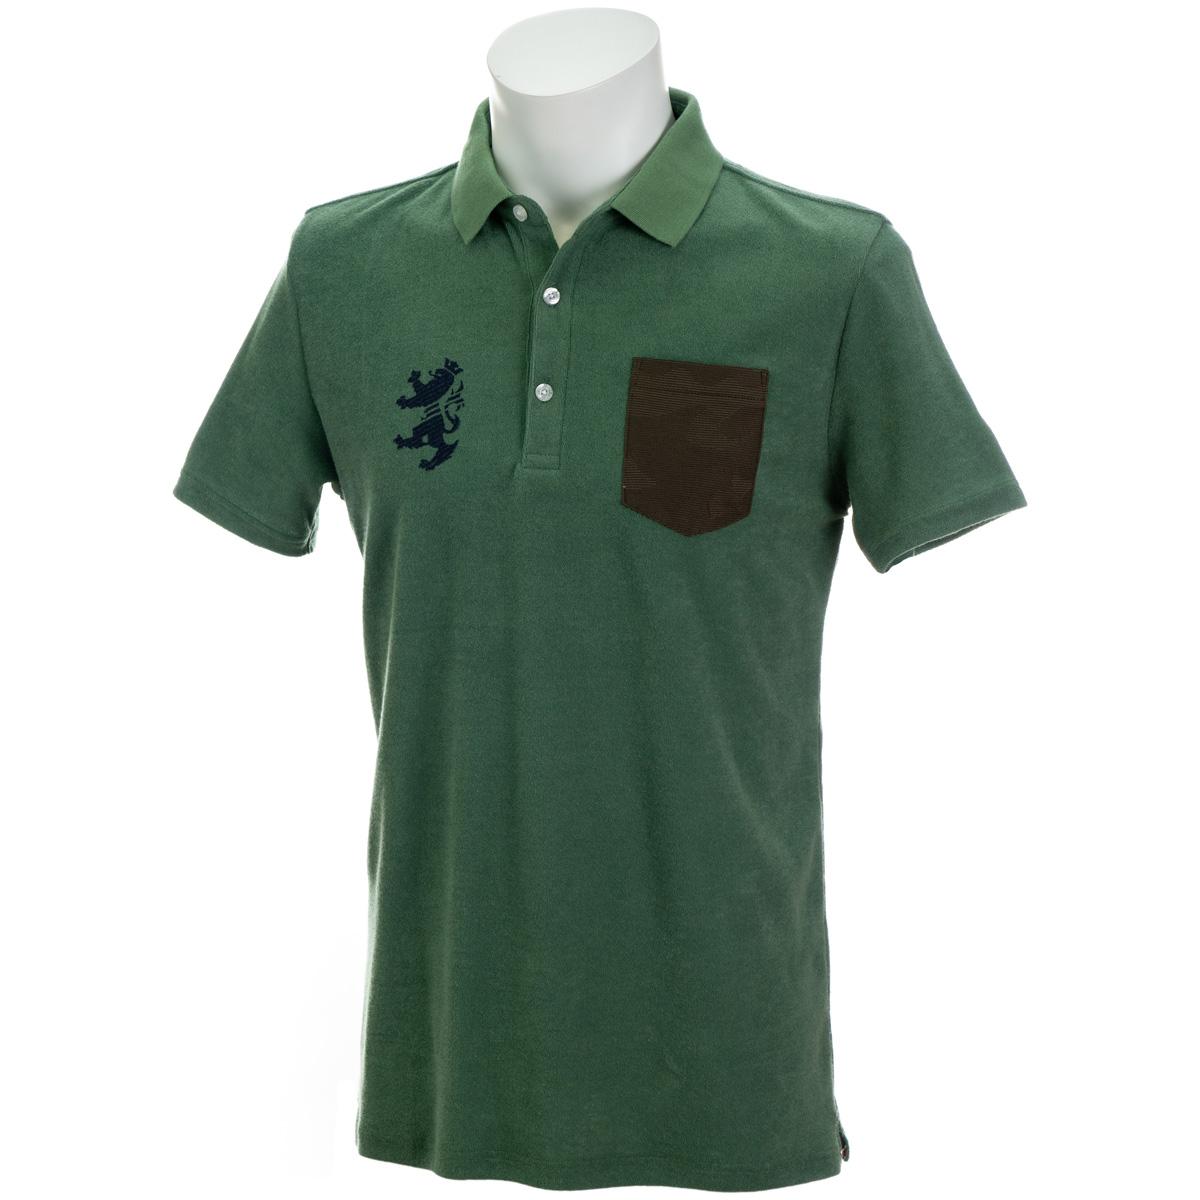 パイル 半袖ポロシャツ